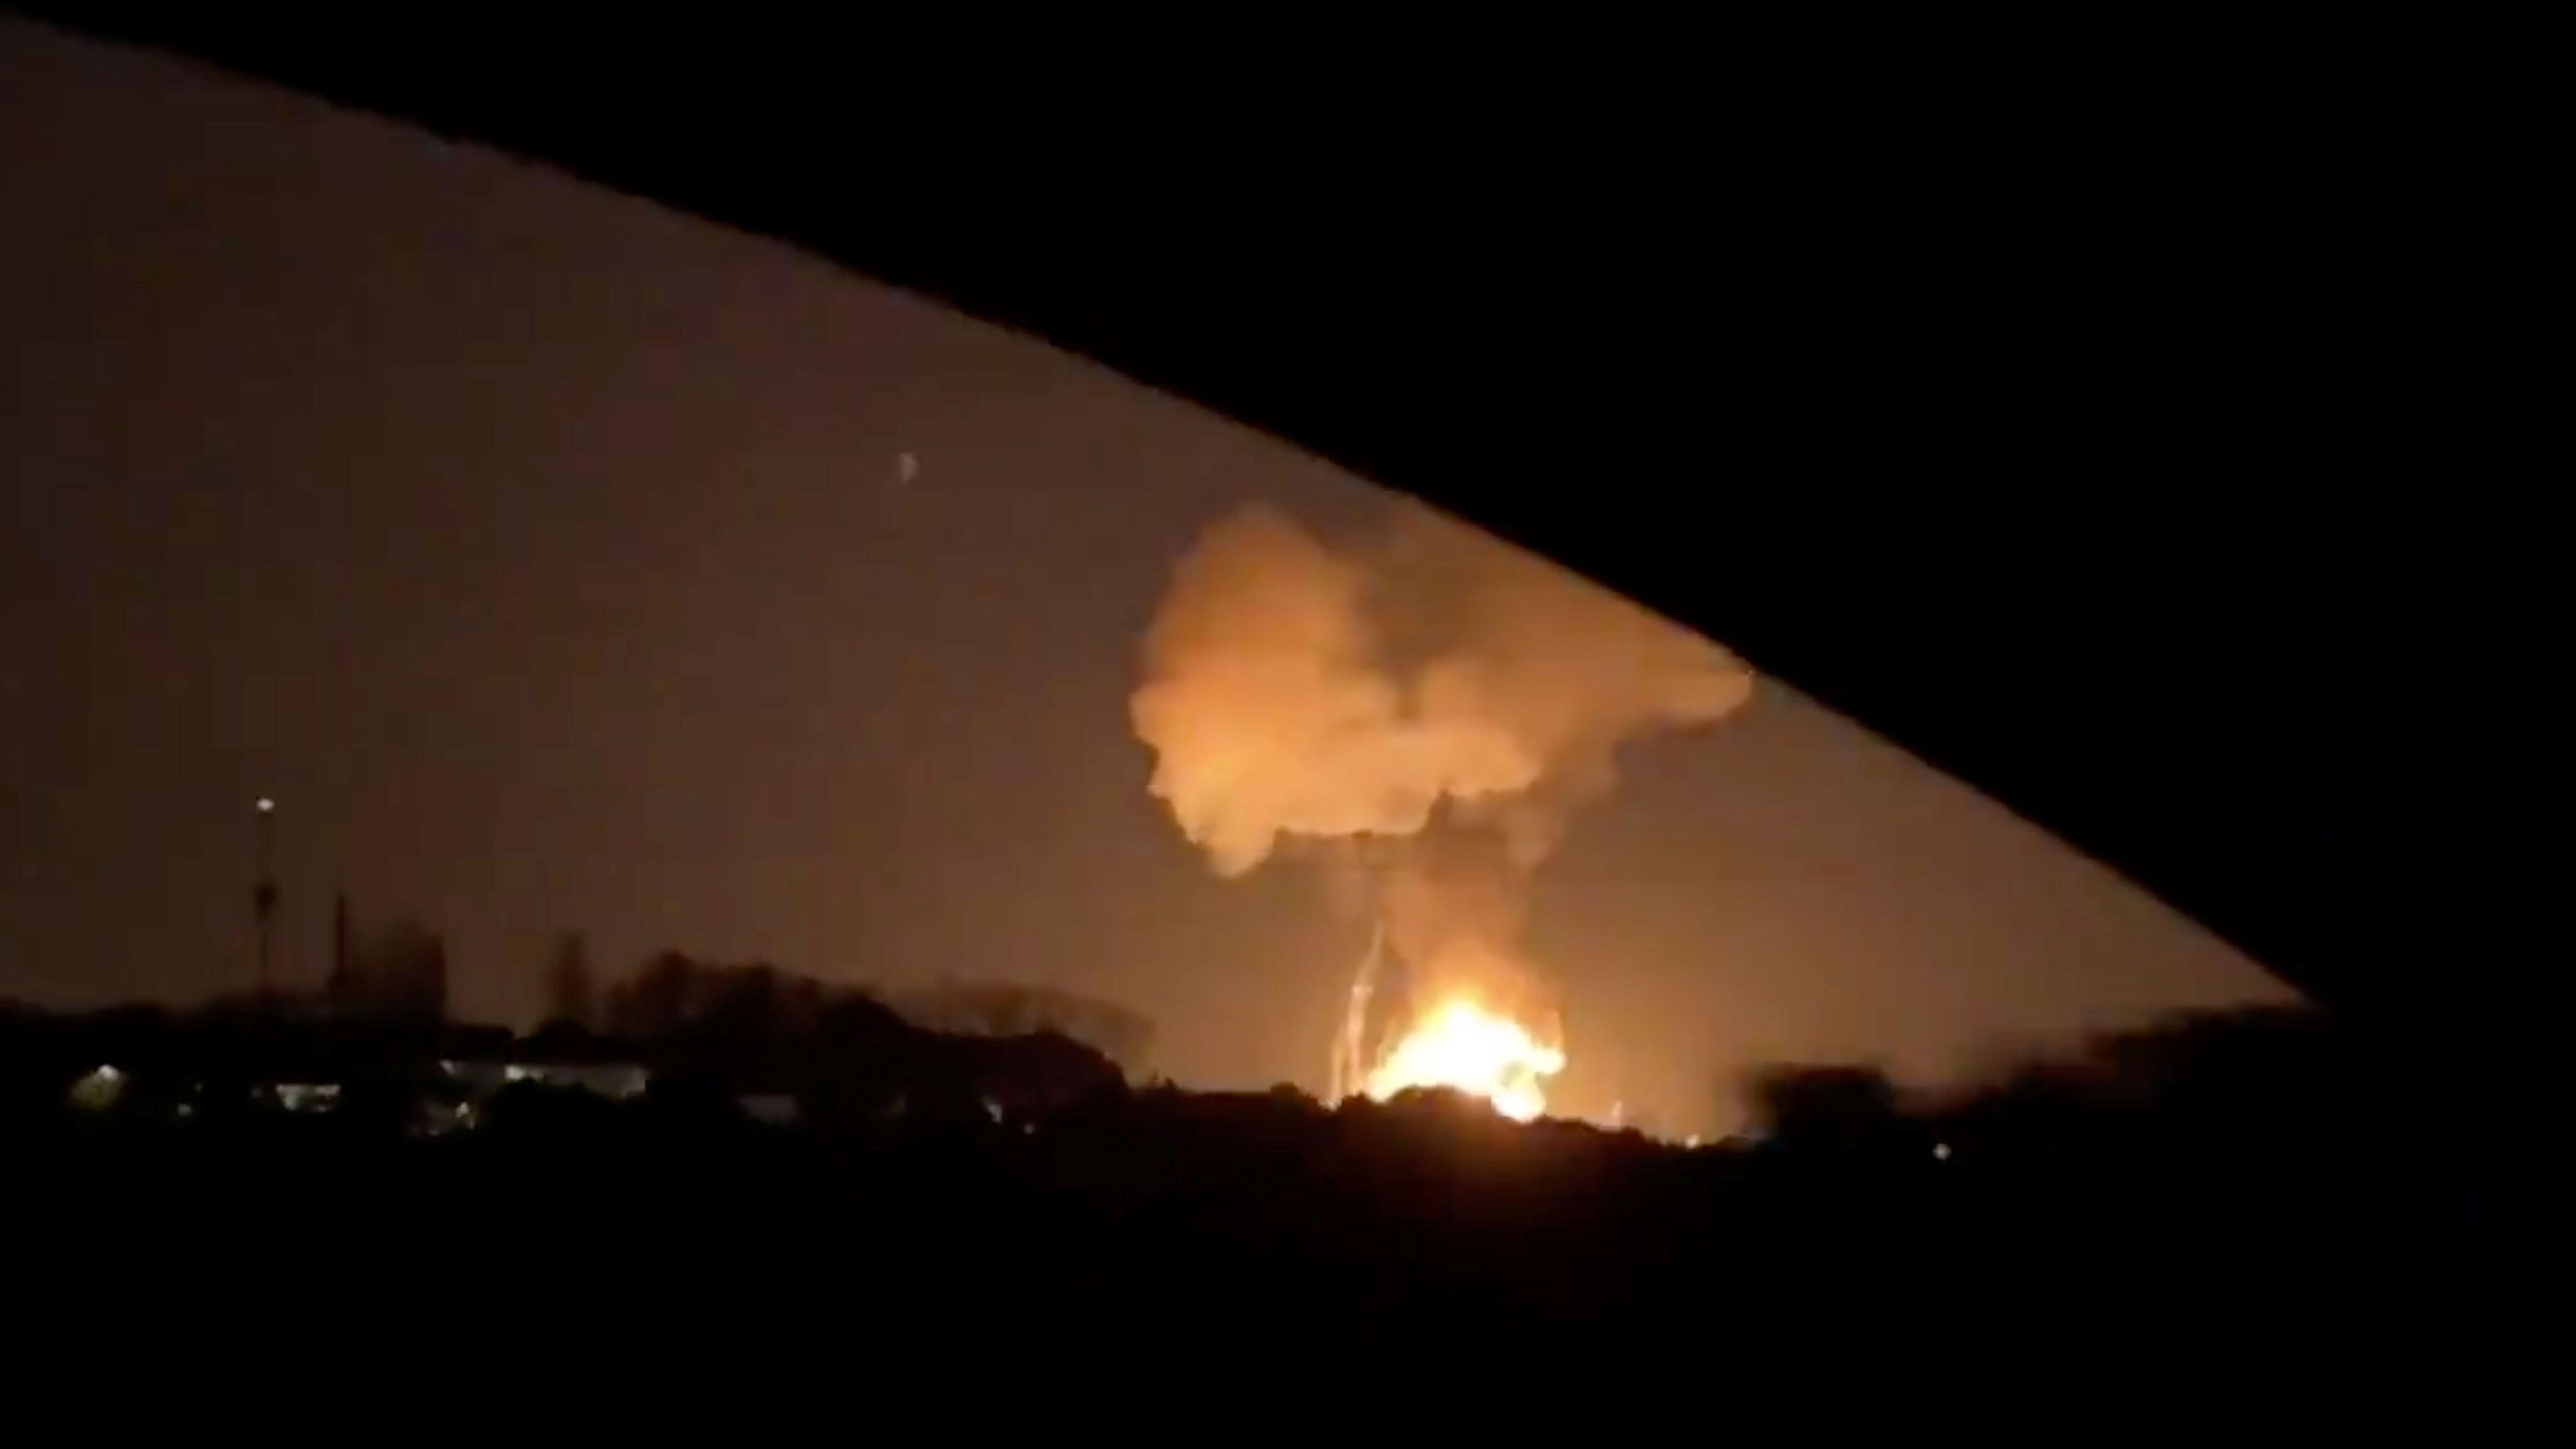 Der Moment der Explosion, aufgenommen durch ein Autofenster.